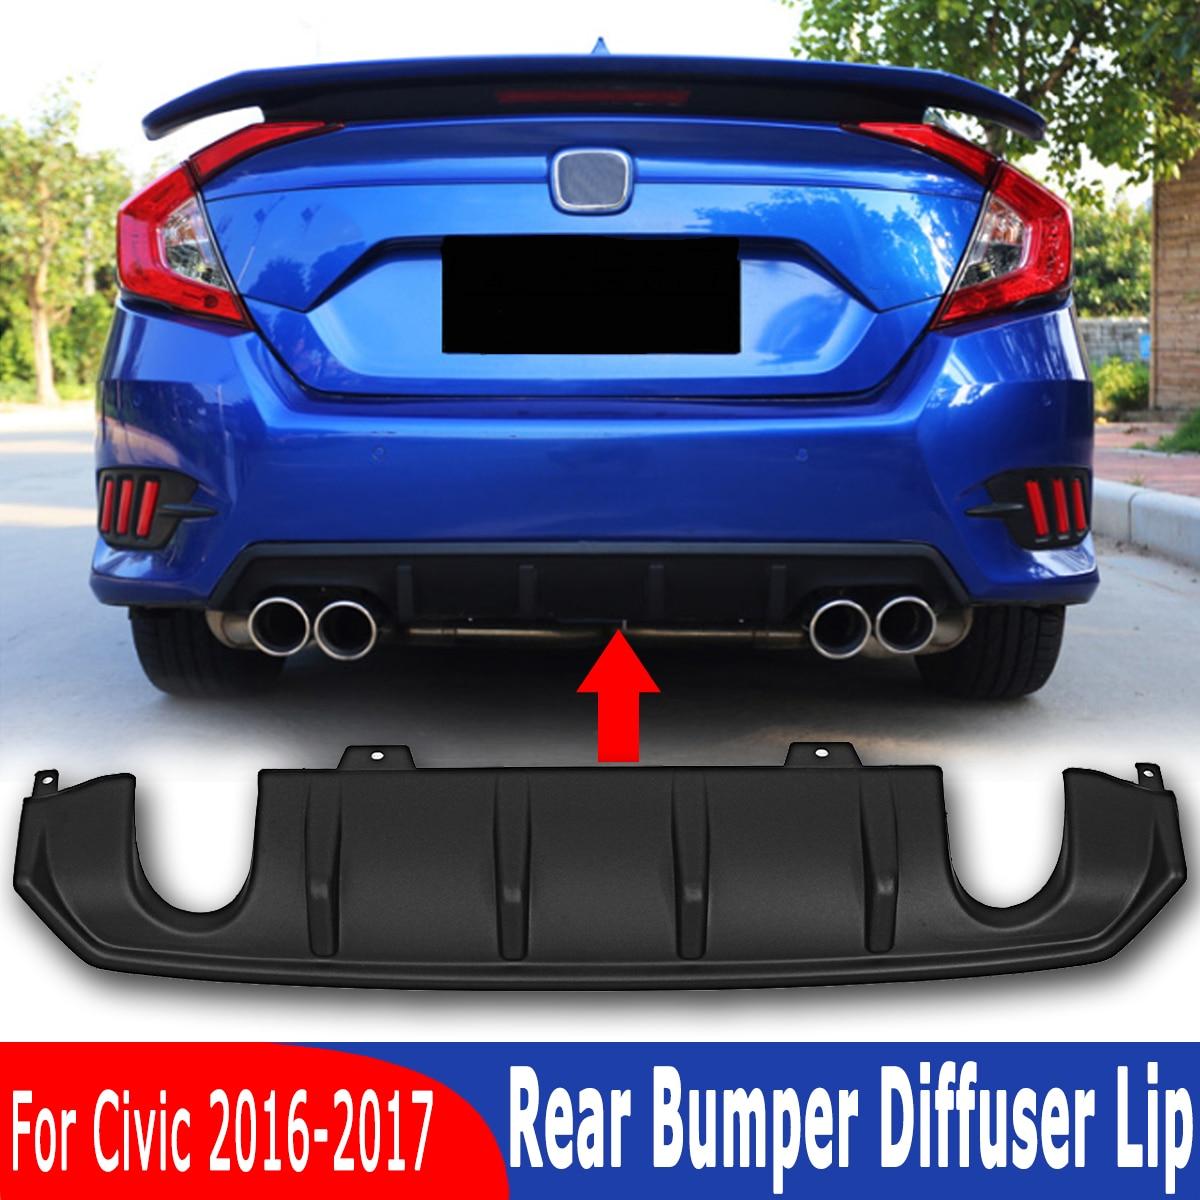 A//C Expansion Valve-Block Expansion Valve UAC fits 10-12 Hyundai Genesis Coupe